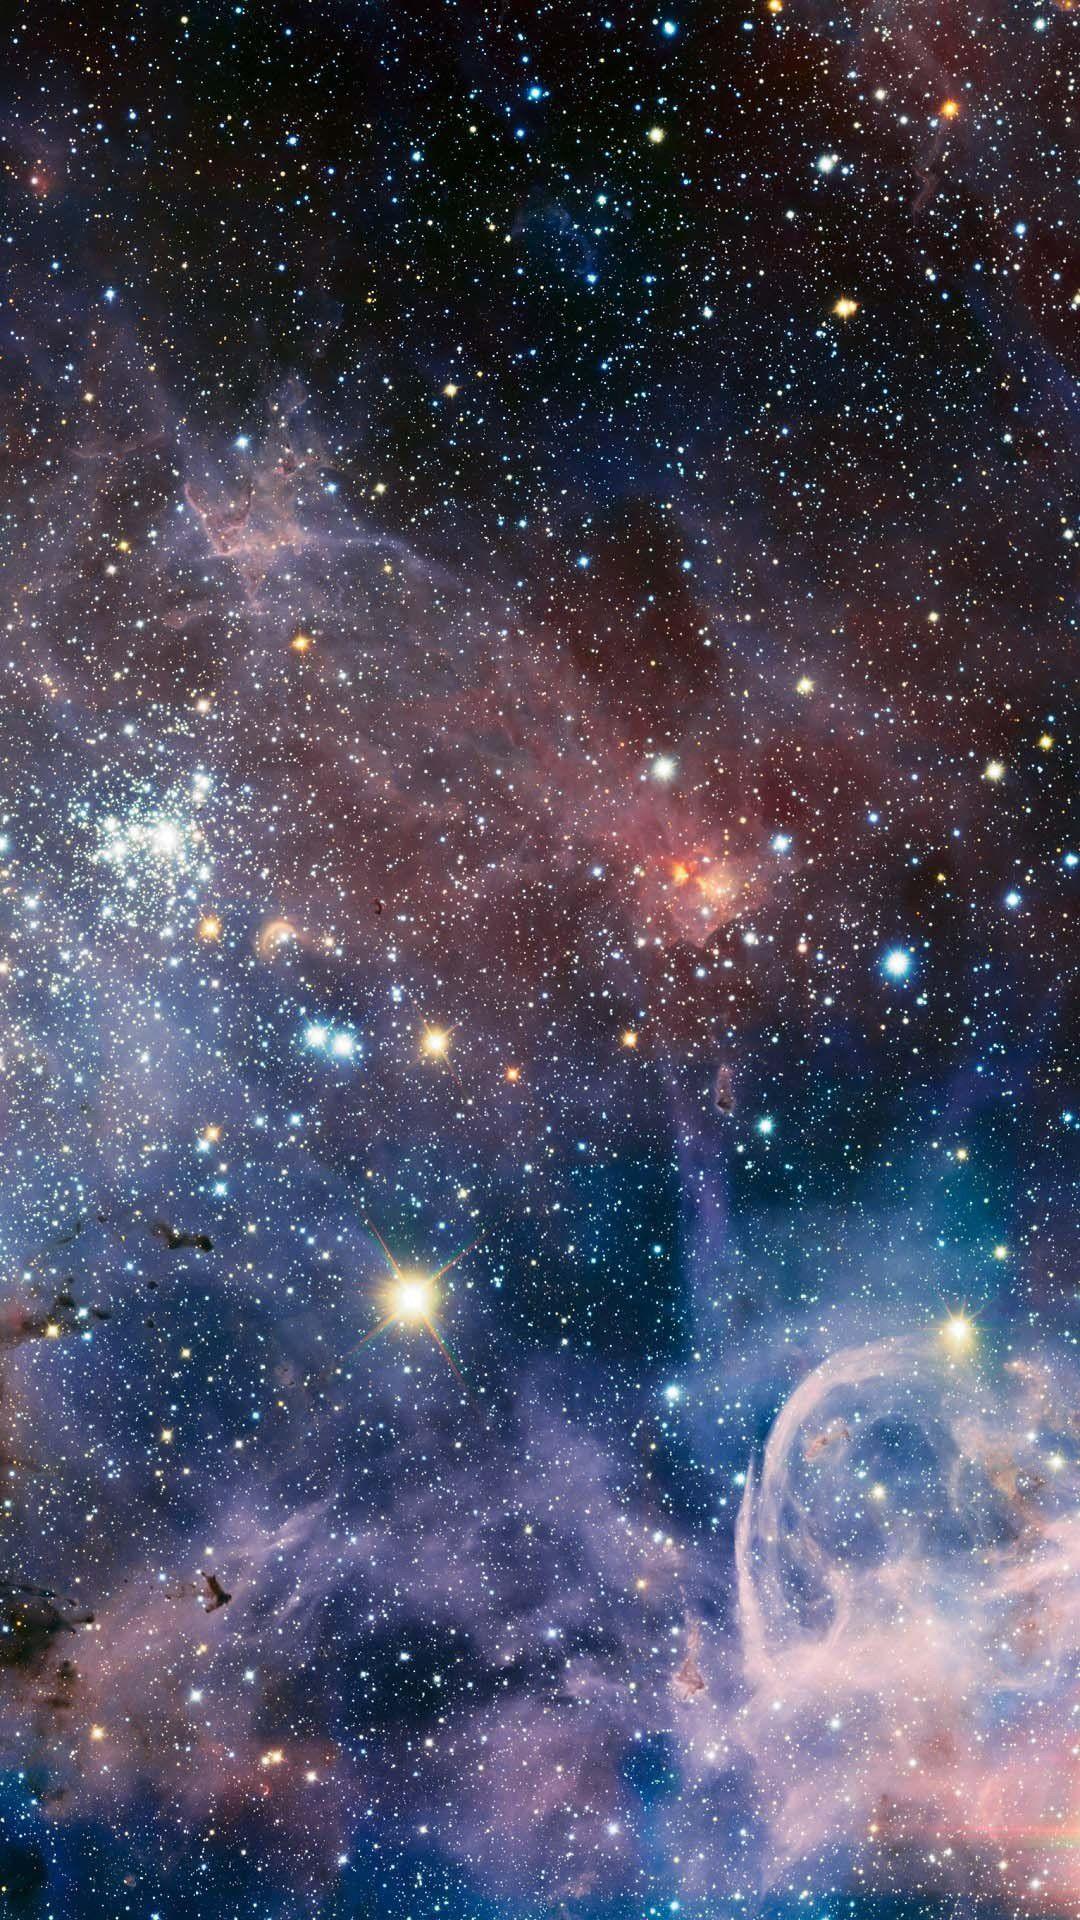 Scenic Galaxy Most Beautiful Star Star Wallpaper Background Wallpaper Background Iphone In 2020 Space Phone Wallpaper Space Iphone Wallpaper Galaxy Phone Wallpaper